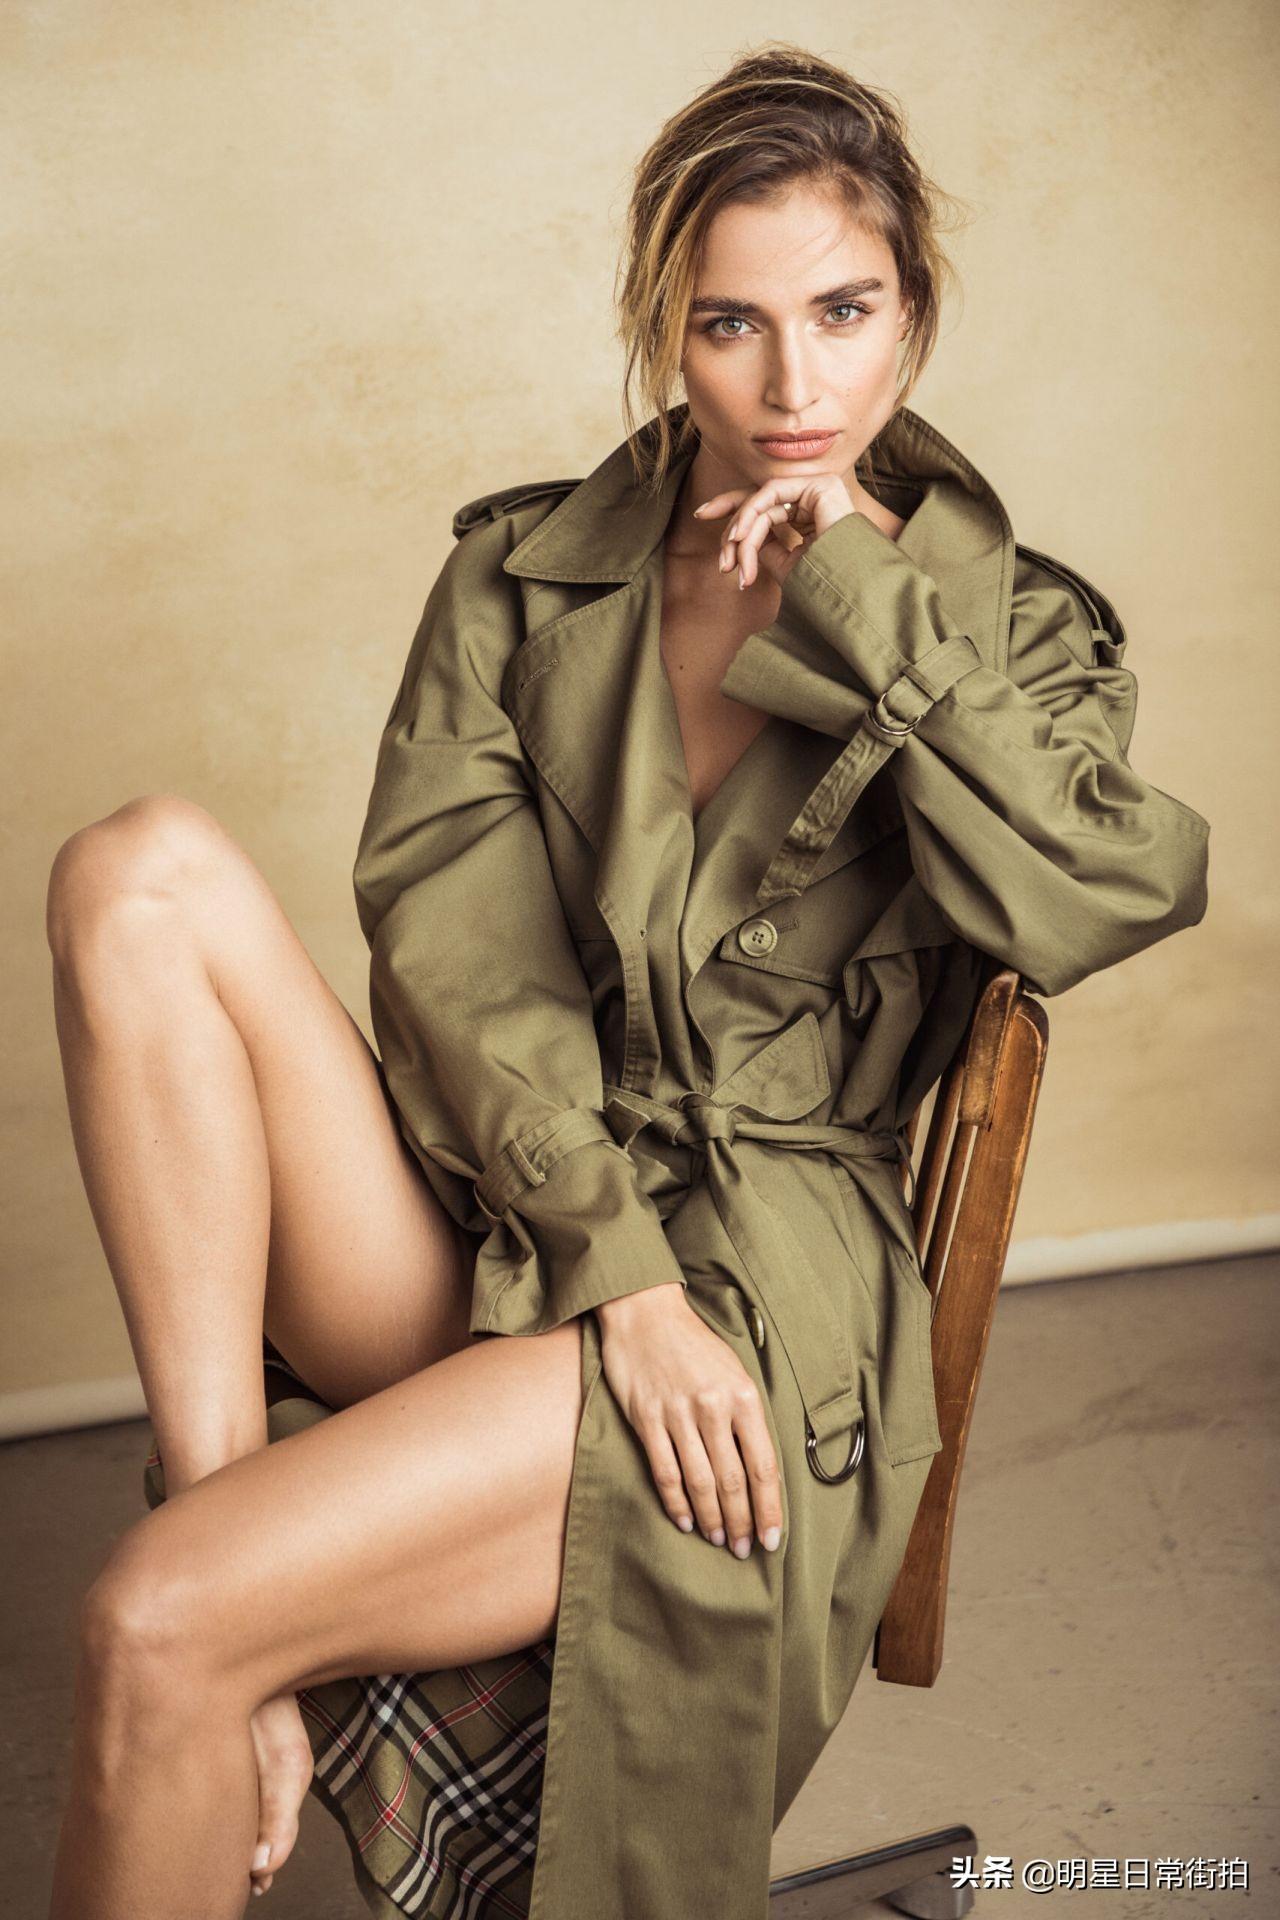 精致小脸大长腿的外国美女!女星奥德·简身穿绿色风衣拍杂志写真